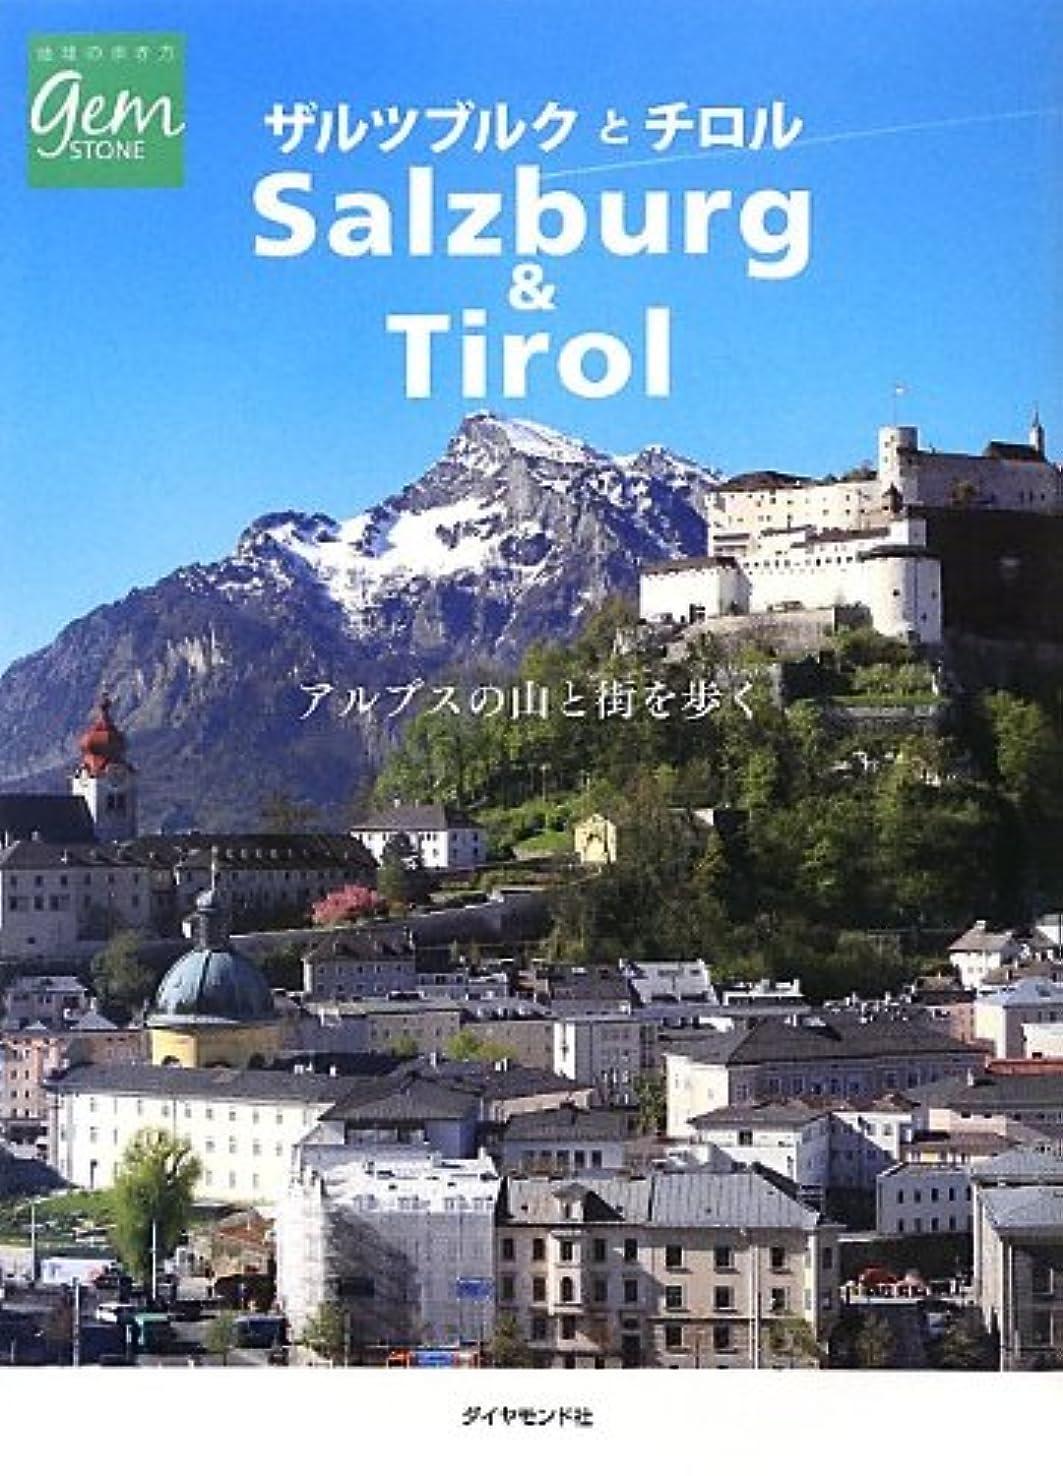 周術期極貧デイジーザルツブルクとチロル アルプスの山と街を歩く (地球の歩き方GEM STONE)